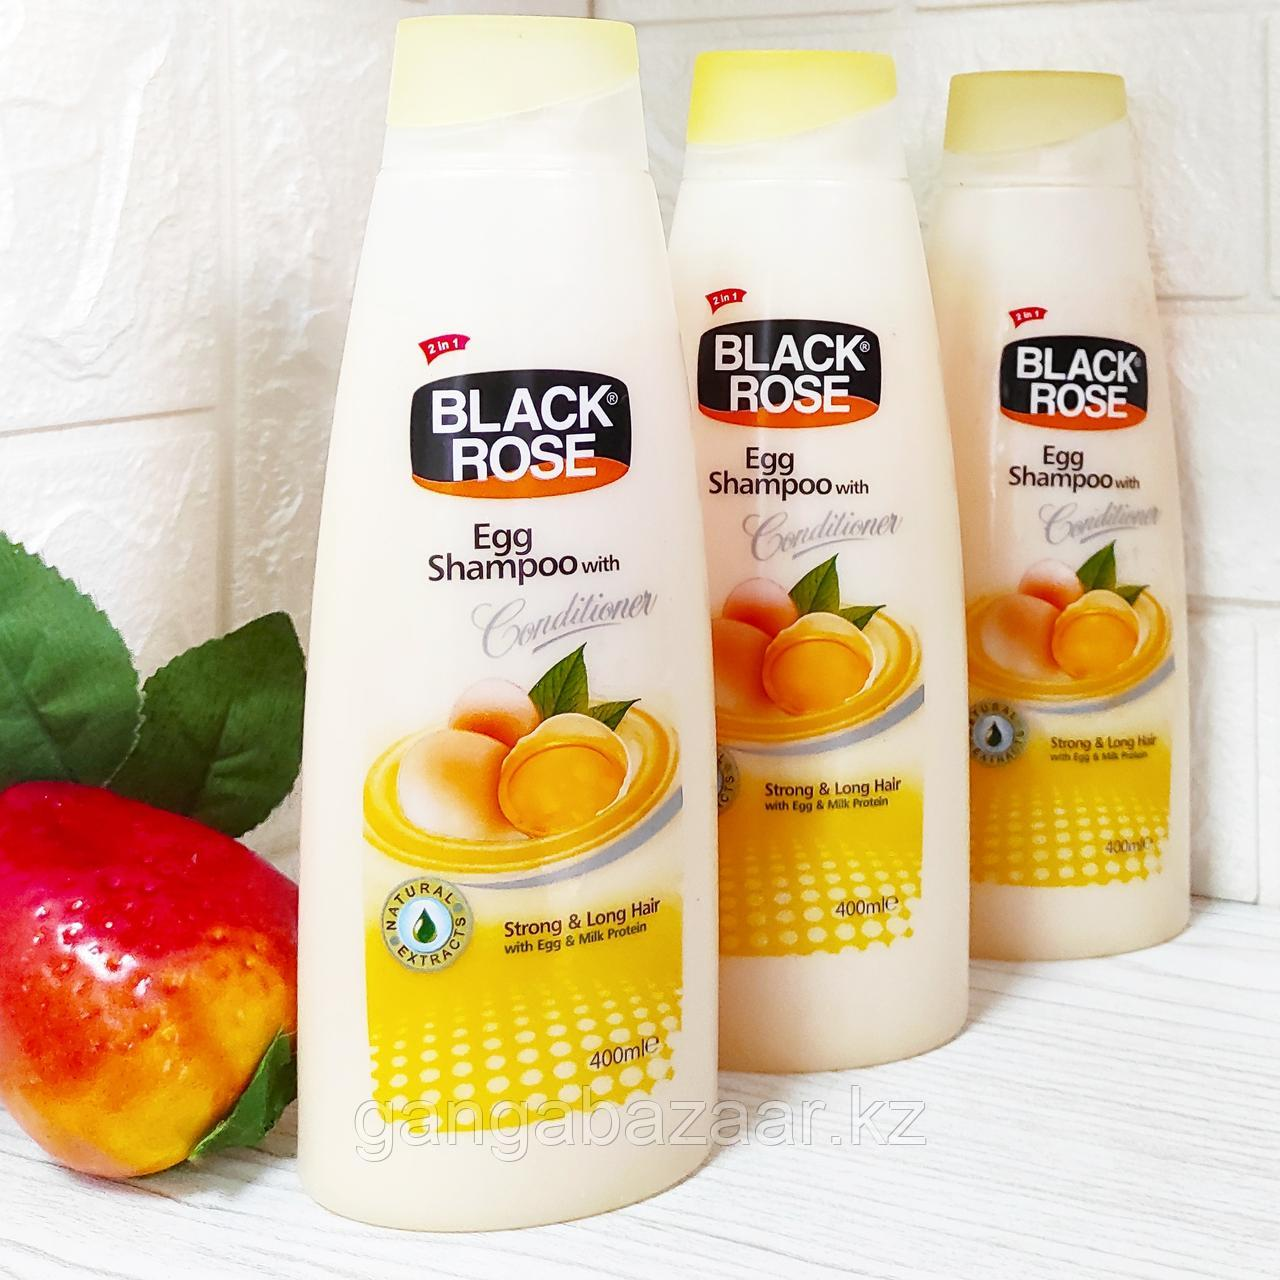 Шампунь Black Rose с яйцом и молочными протеинами с кондиционером, 400 мл